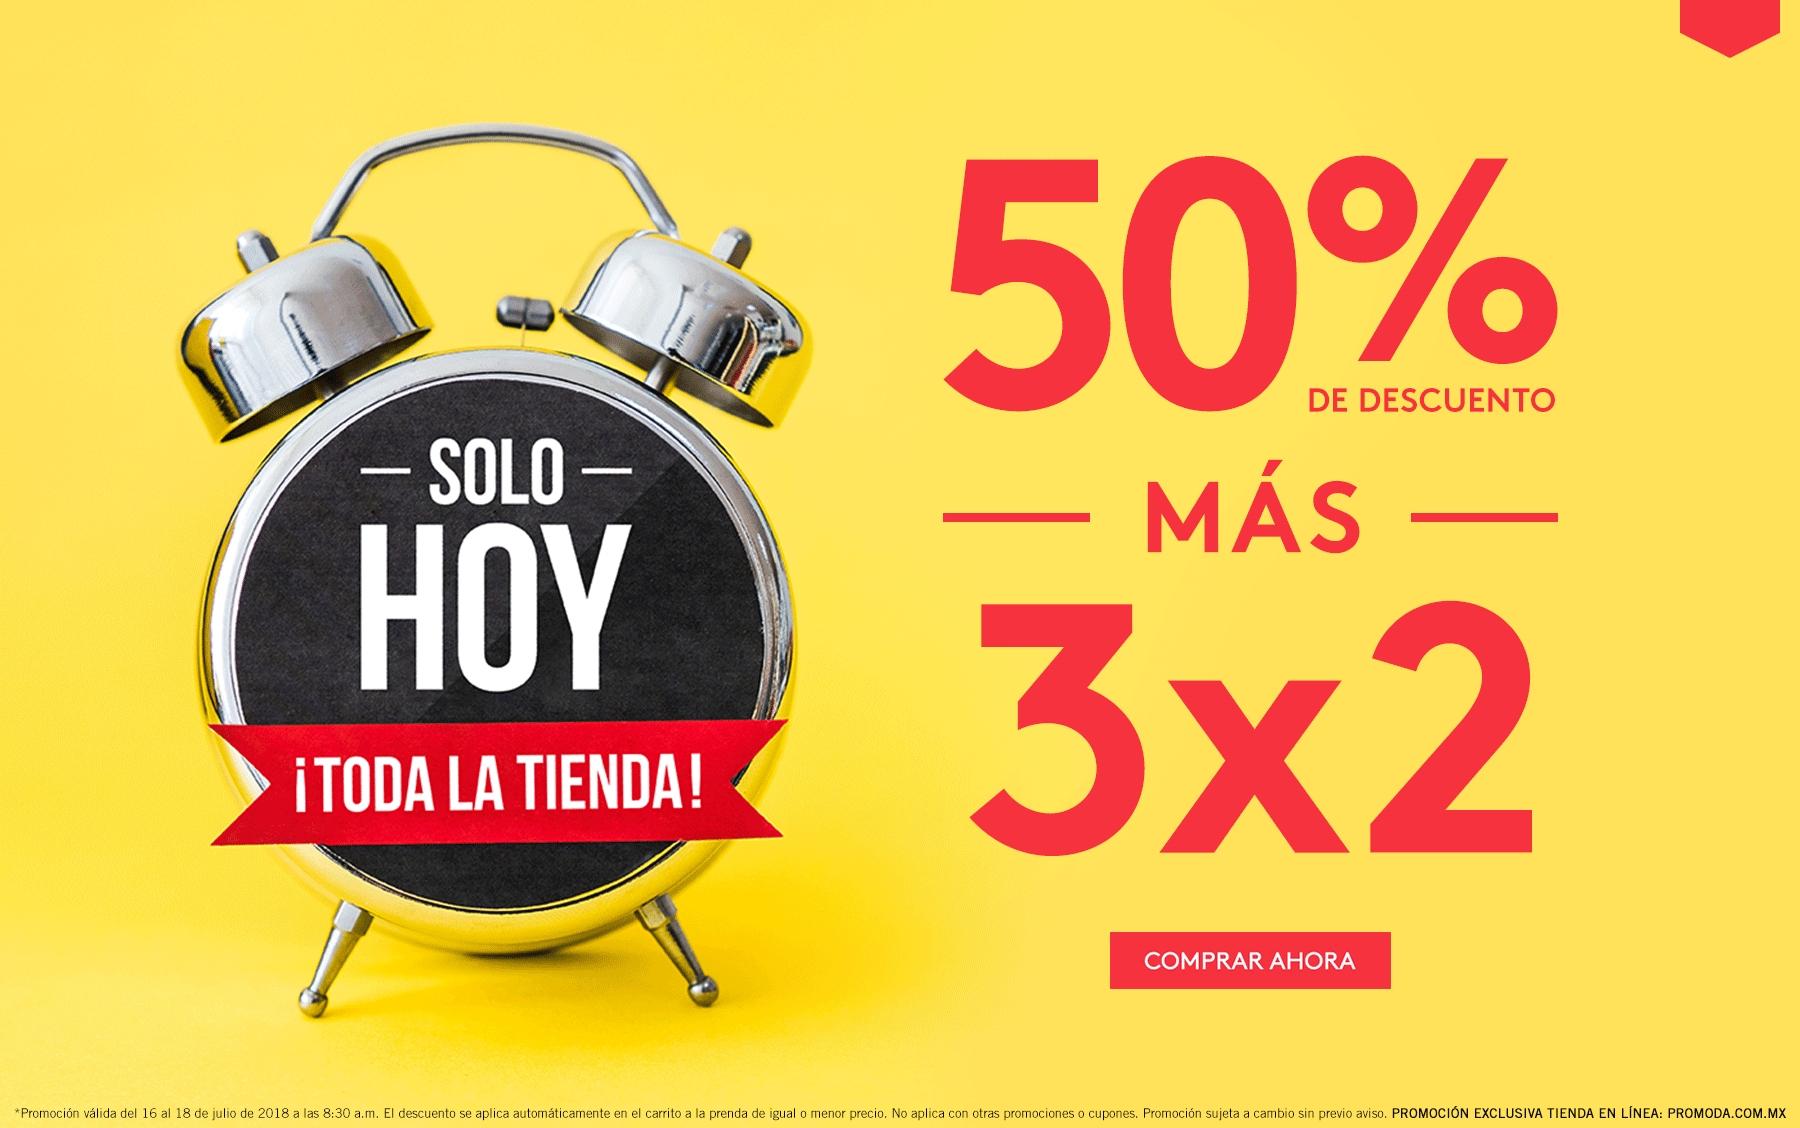 Promoda: 50% de descuento + 3 x 2 en toda la tienda en línea